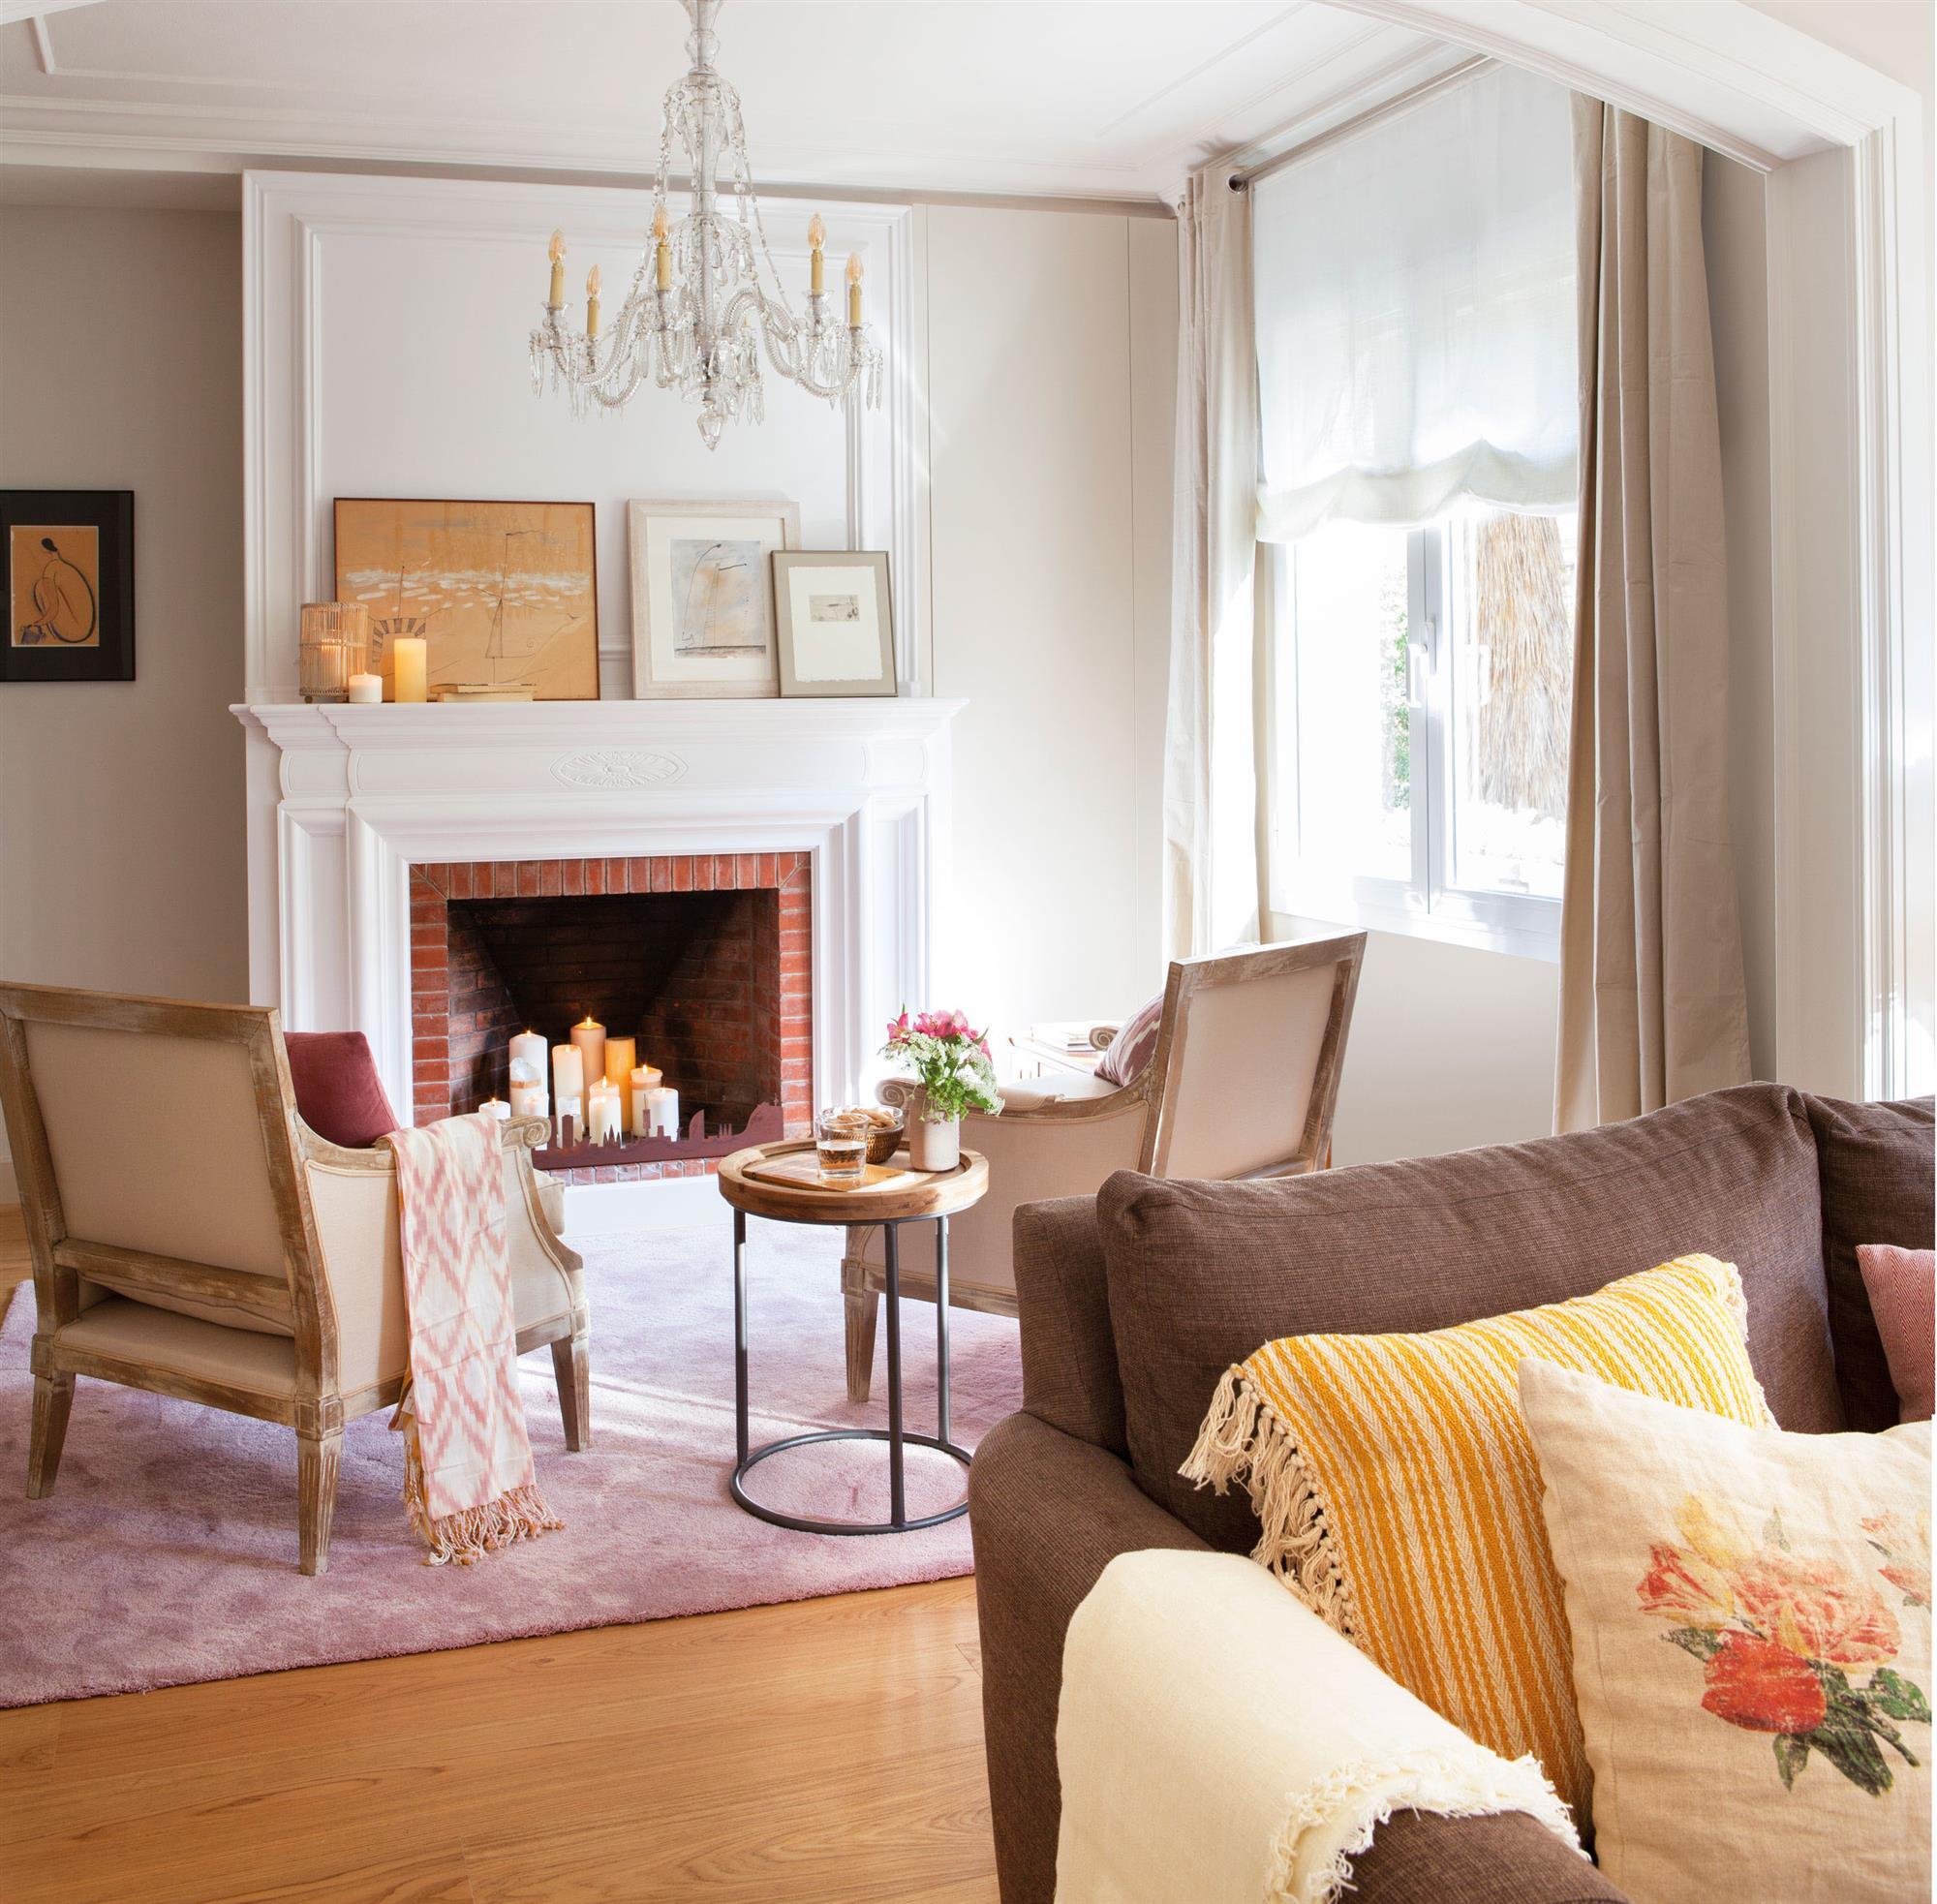 Ventajas de tener una chimenea en casa - Decoracion chimeneas salon ...